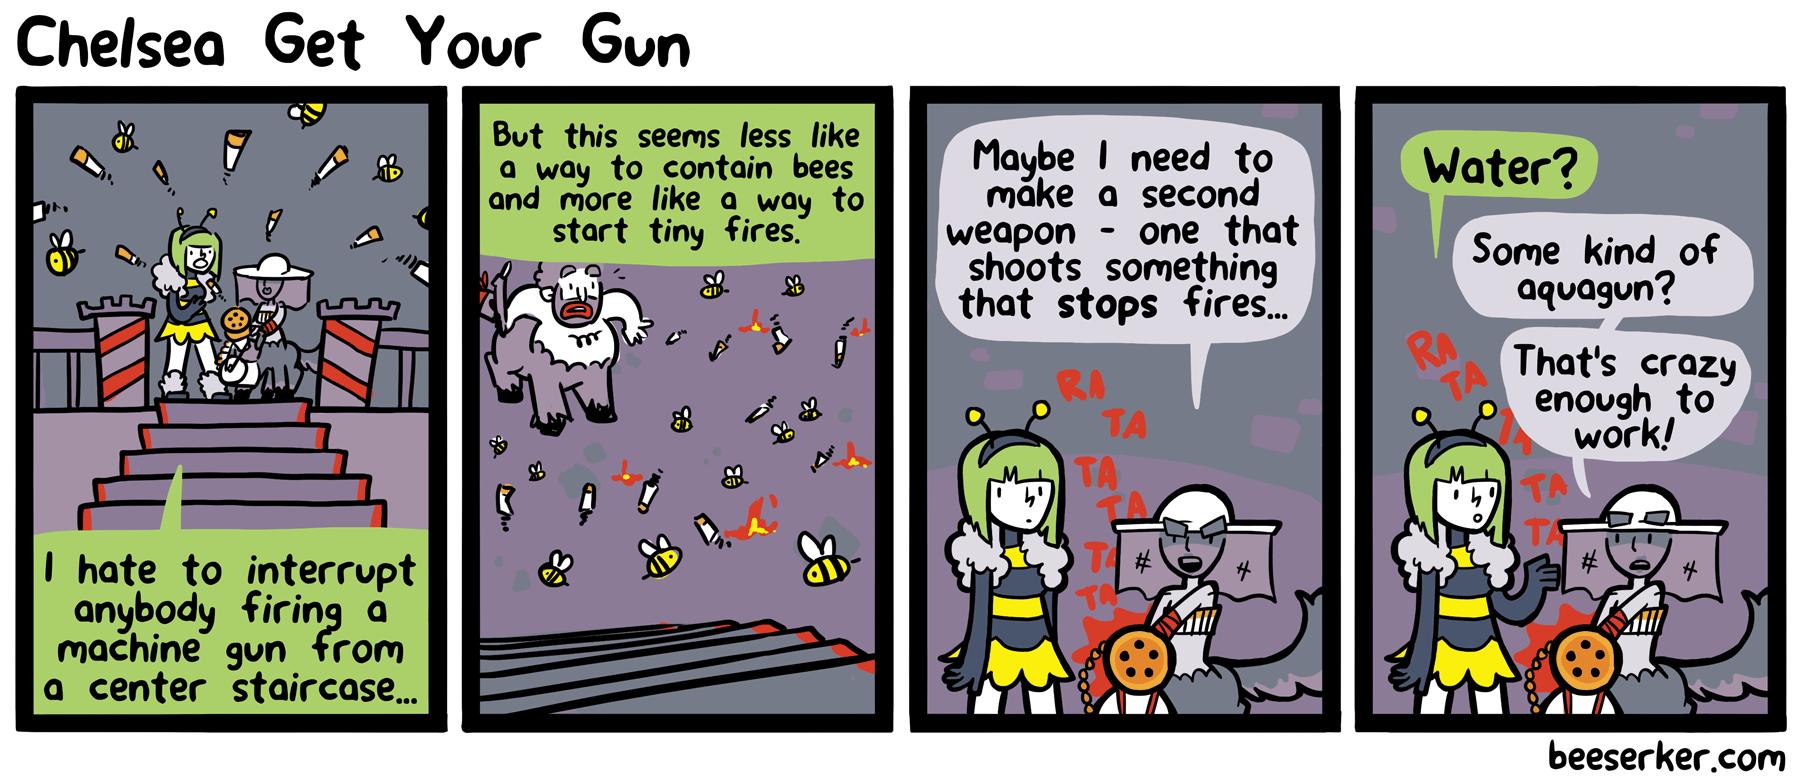 Chelsea Get Your Gun